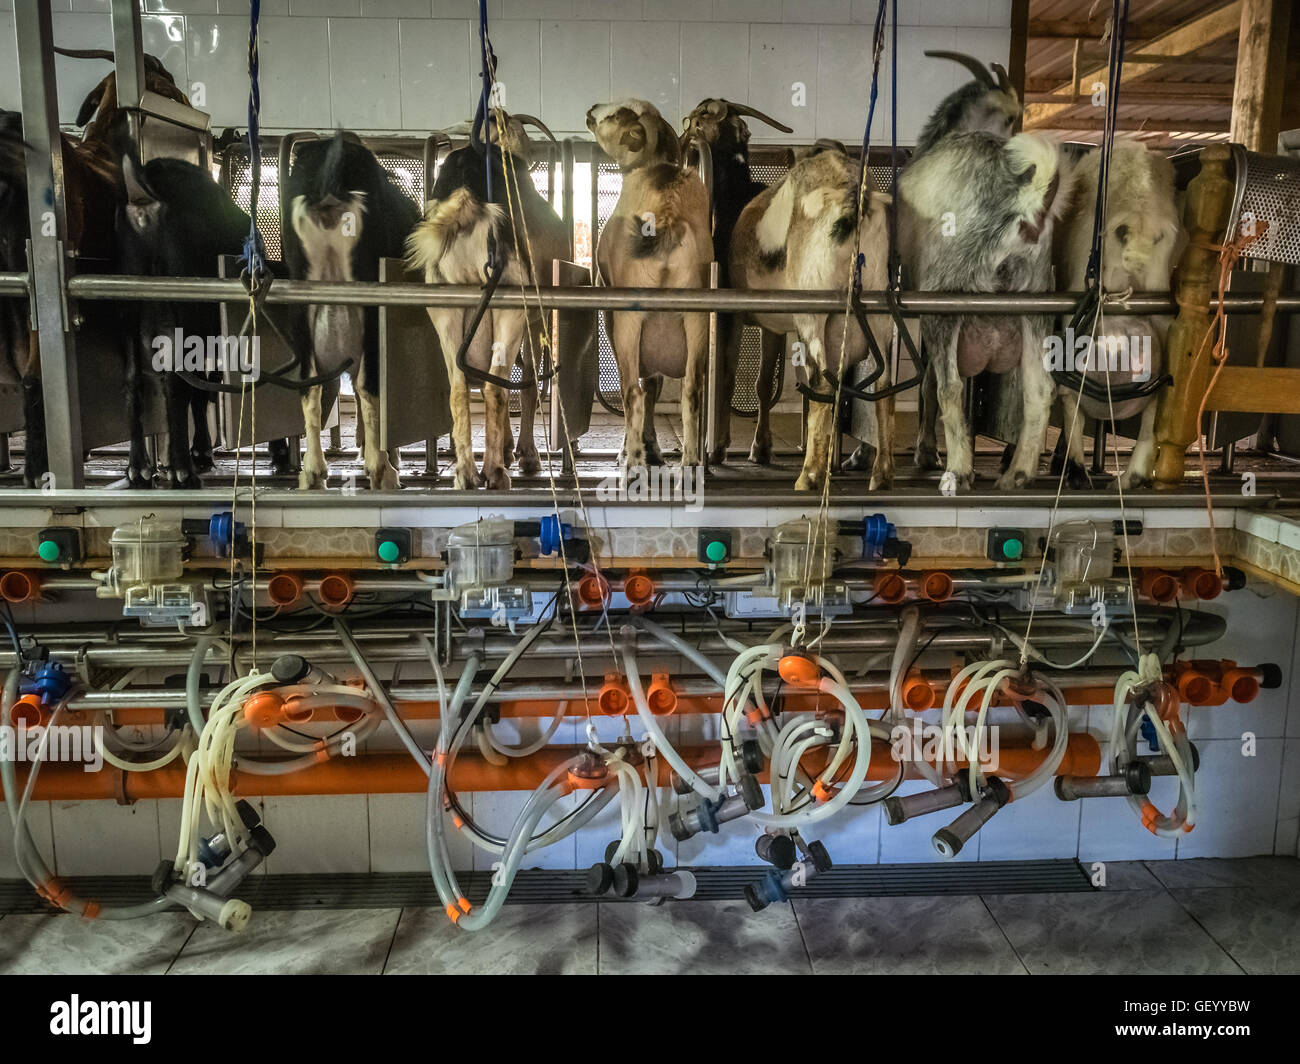 Automatique avec grange traite de chèvres, ferme de village à Fuerteventura, Îles Canaries, Espagne Banque D'Images